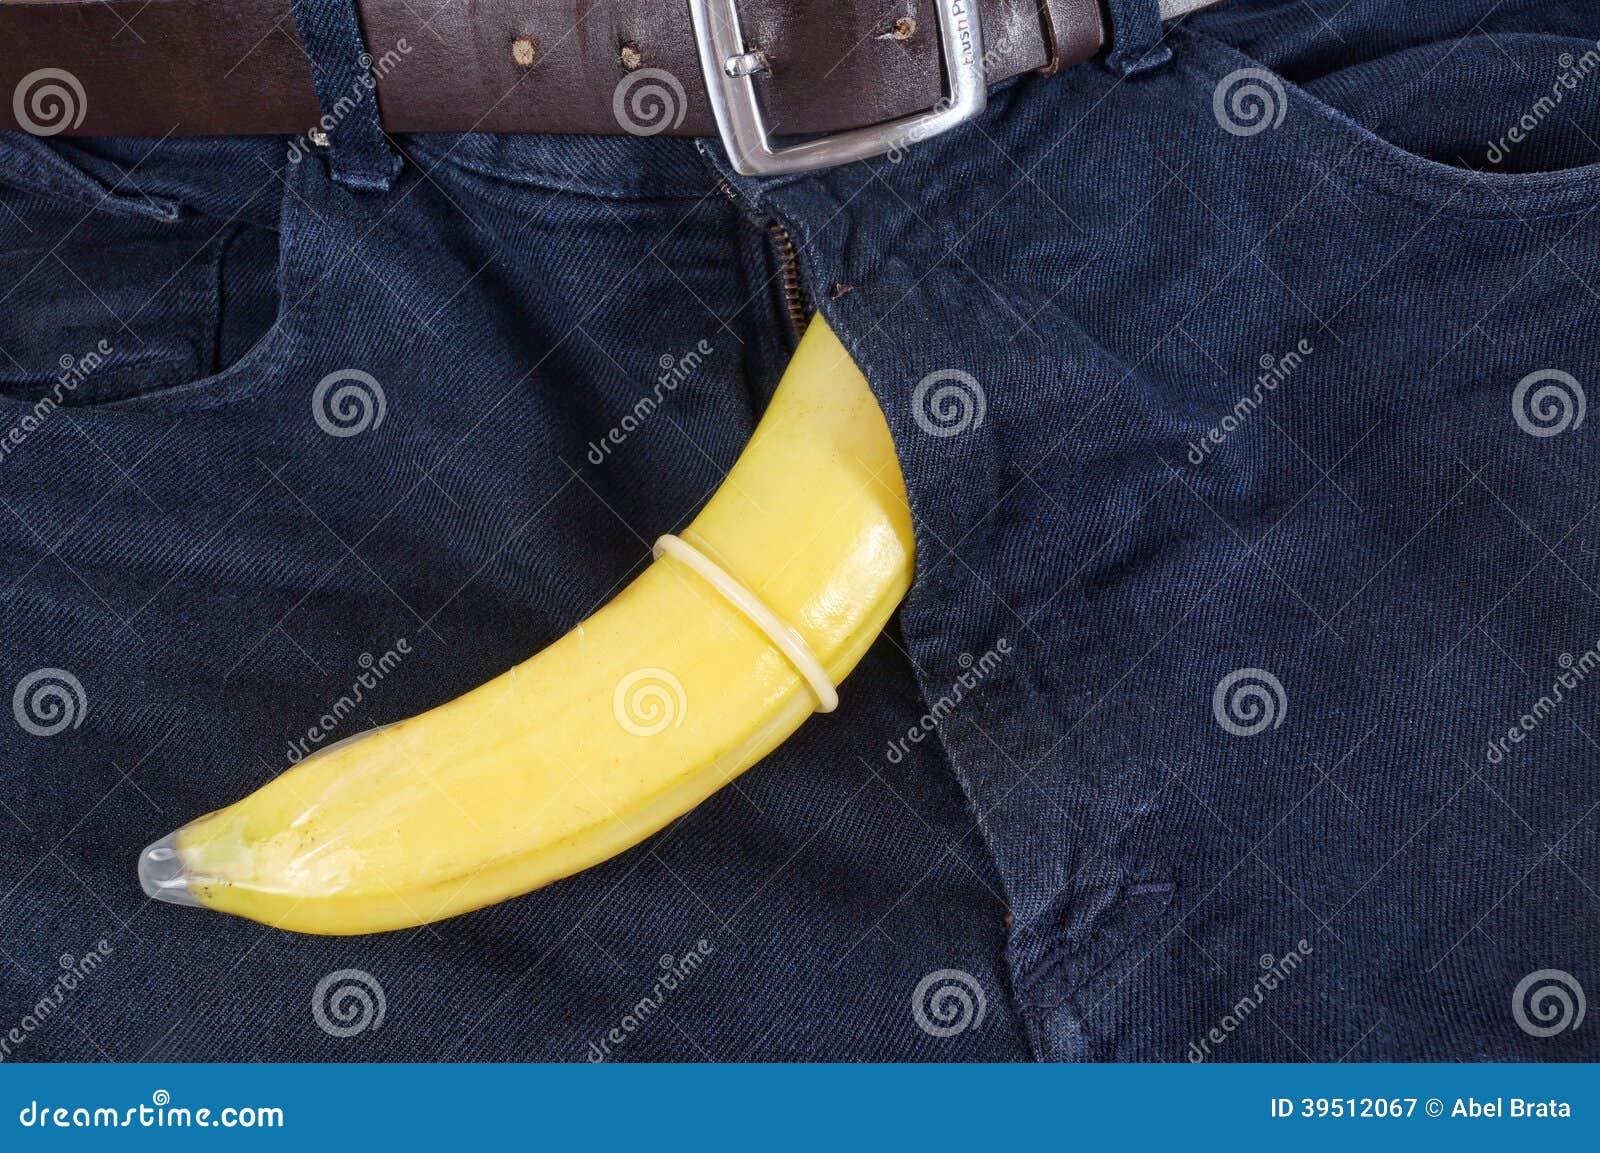 Safe Sex, Always Wear Condom